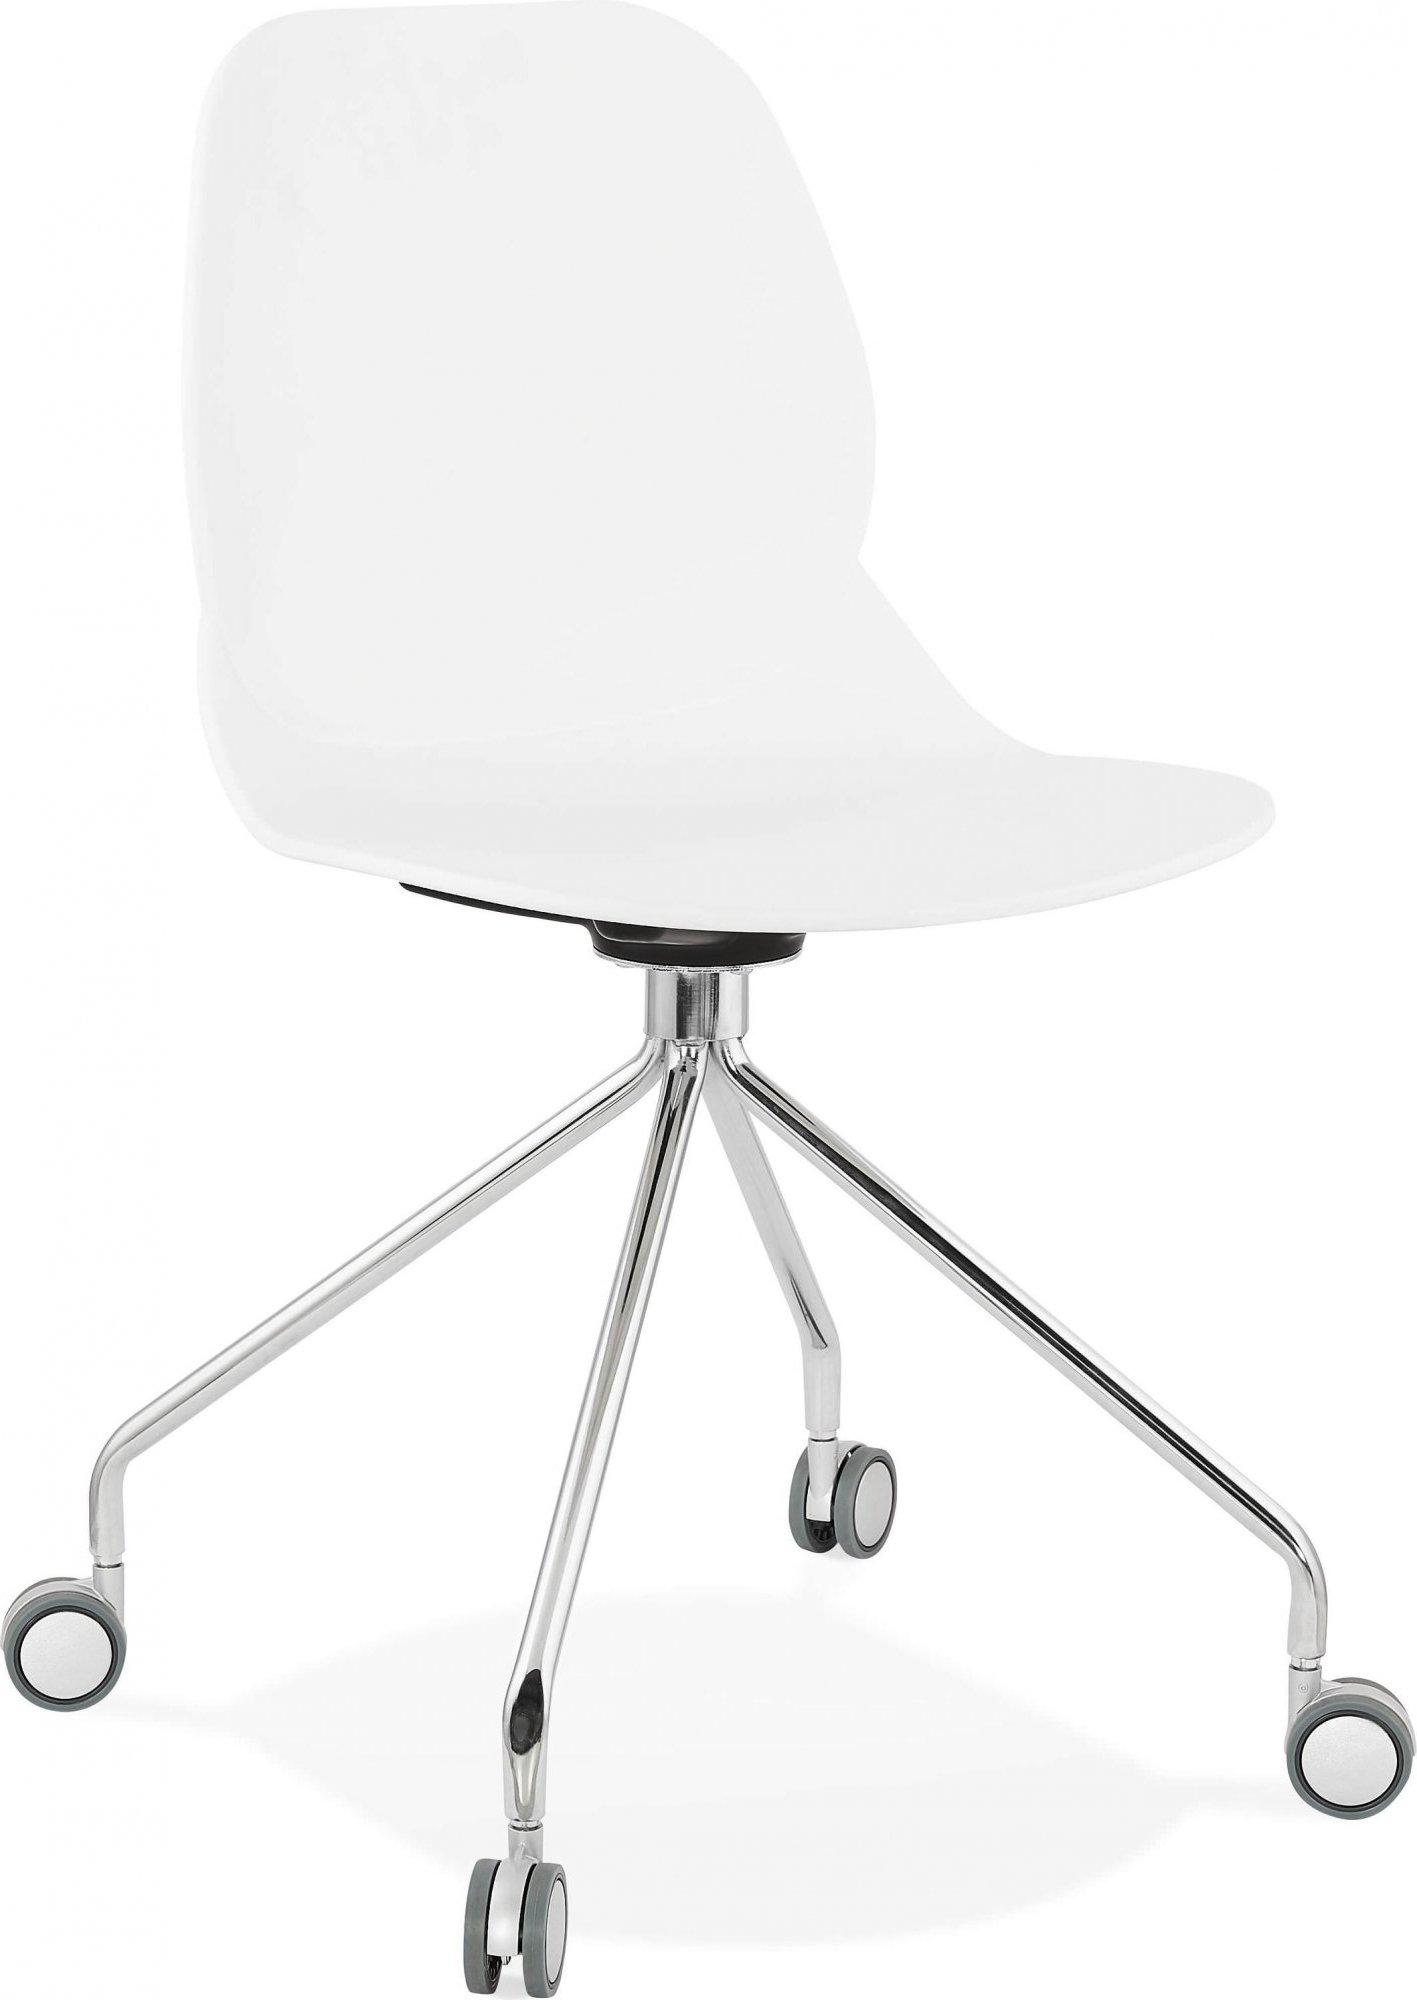 Chaise de bureau a roulettes assise blanc pied métal chromé